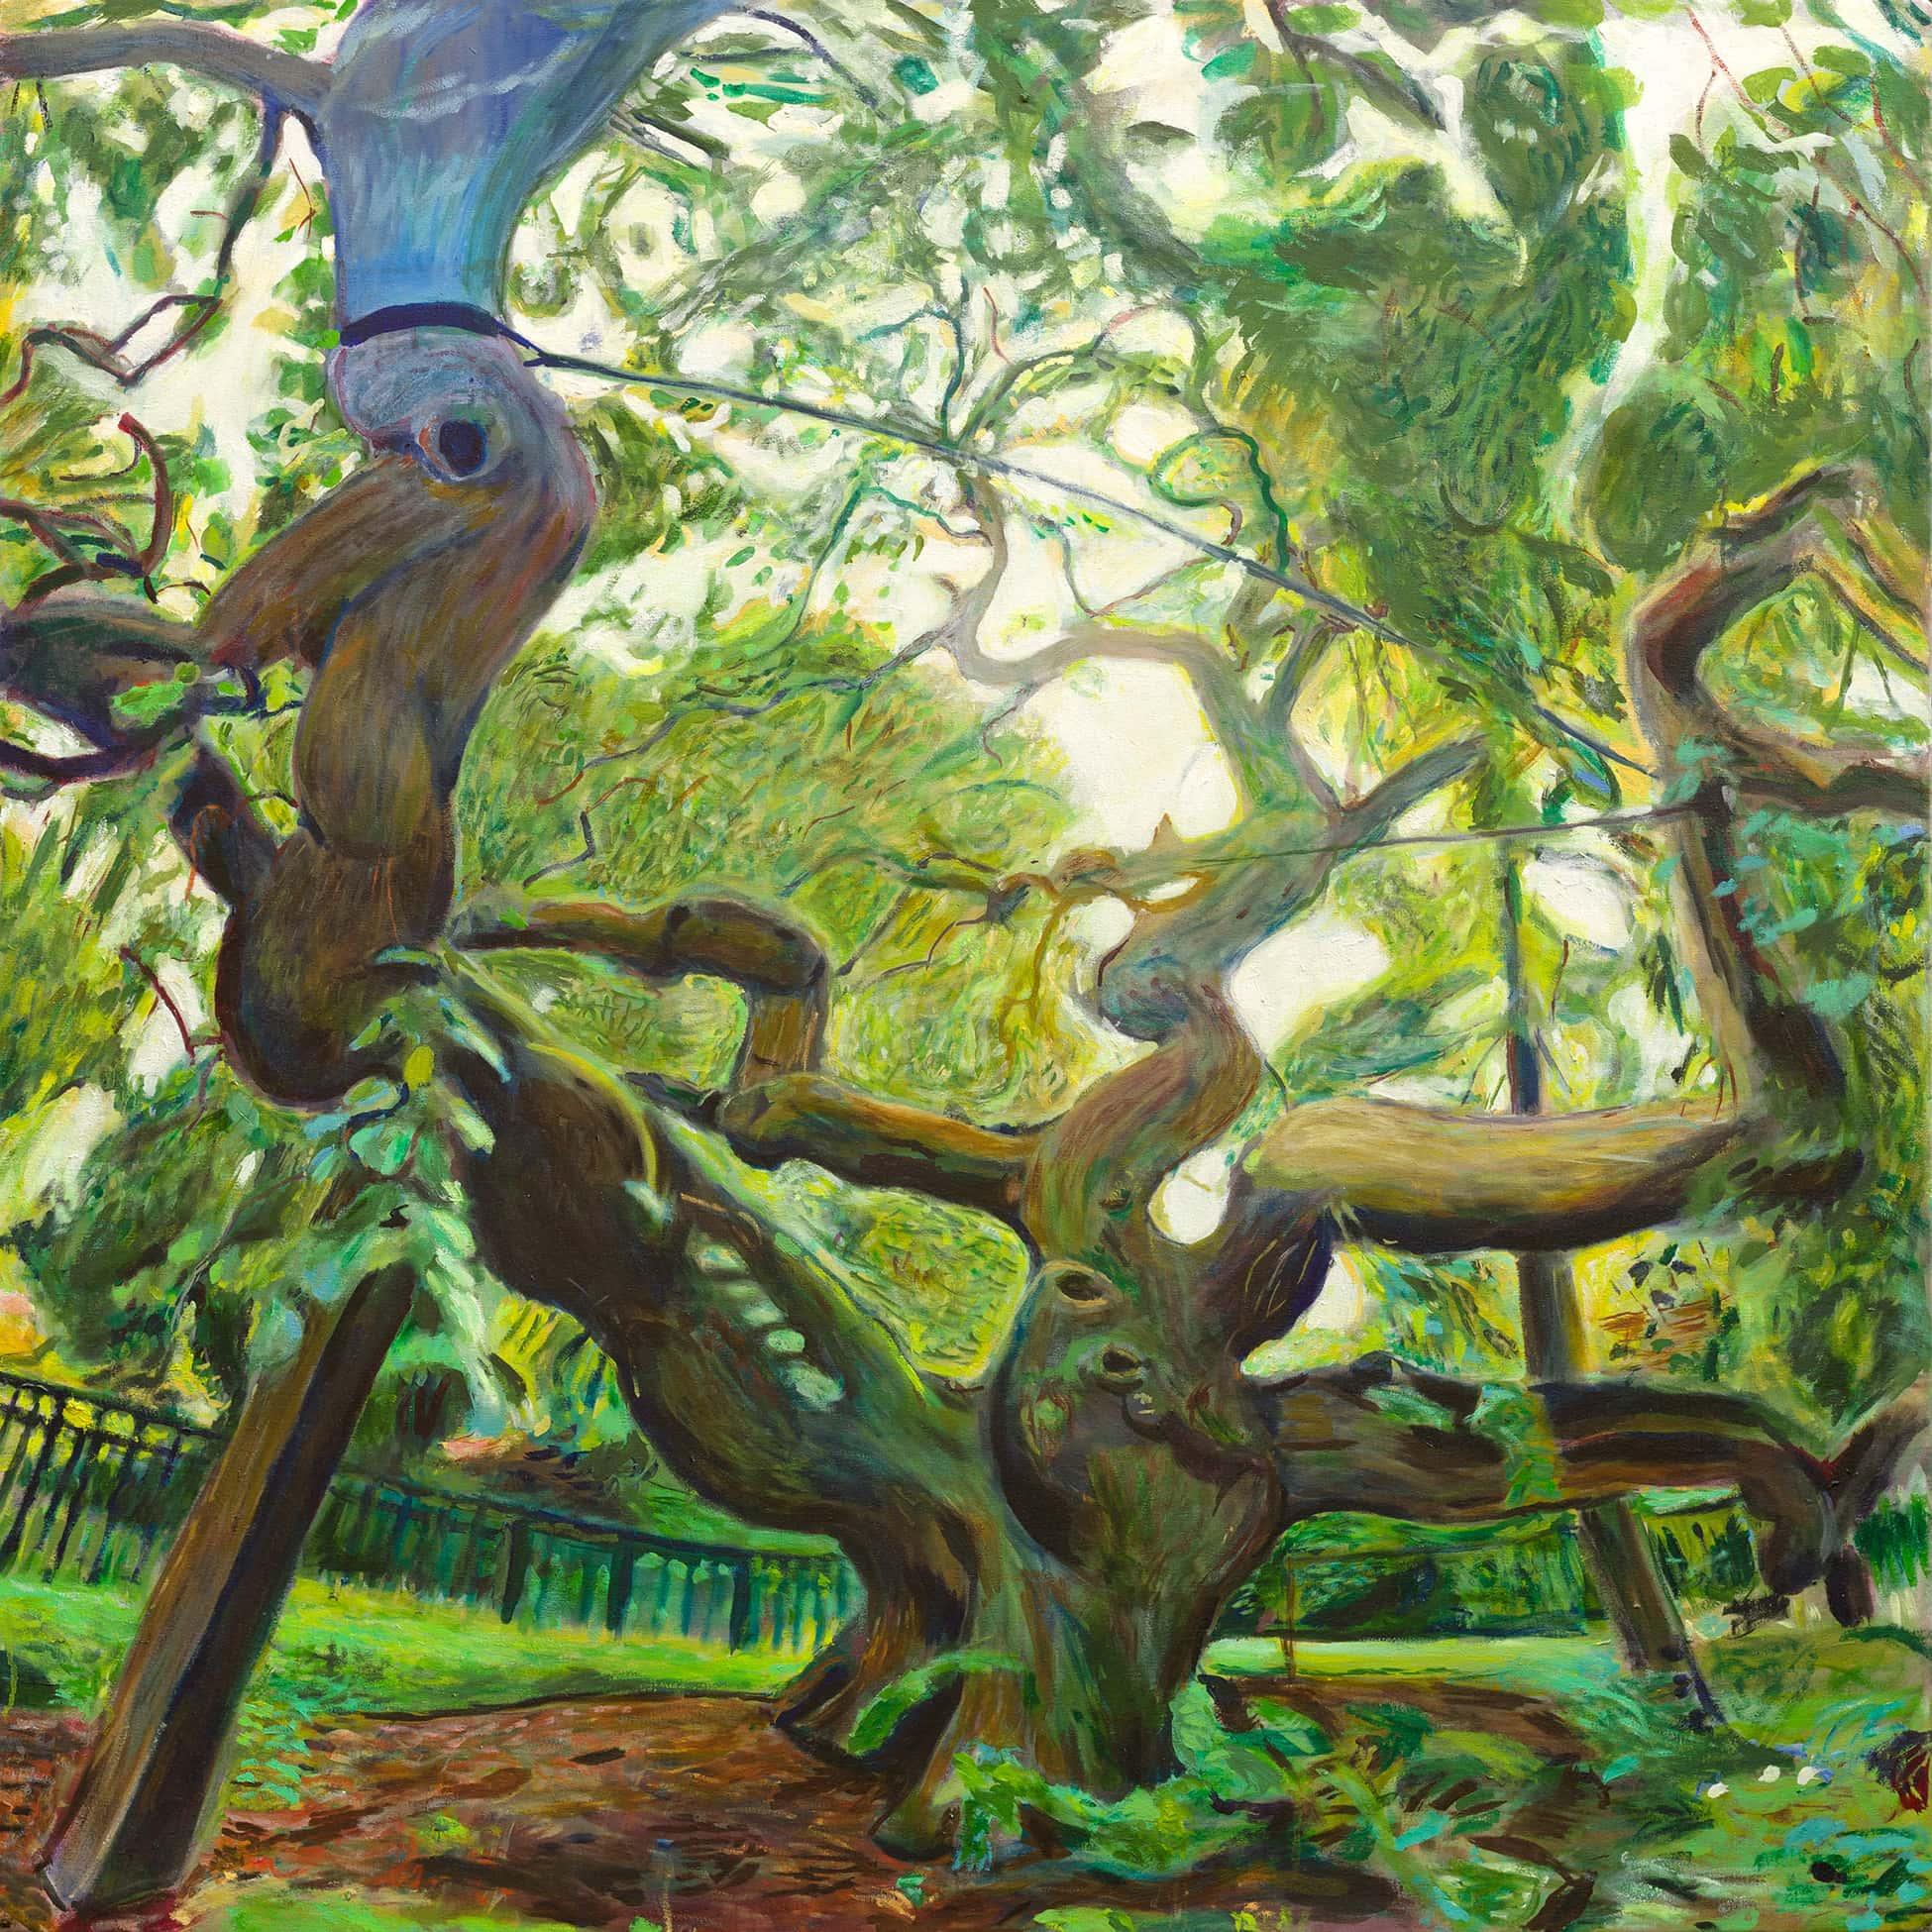 Camperdown Elm oil painting by Noel Hefele